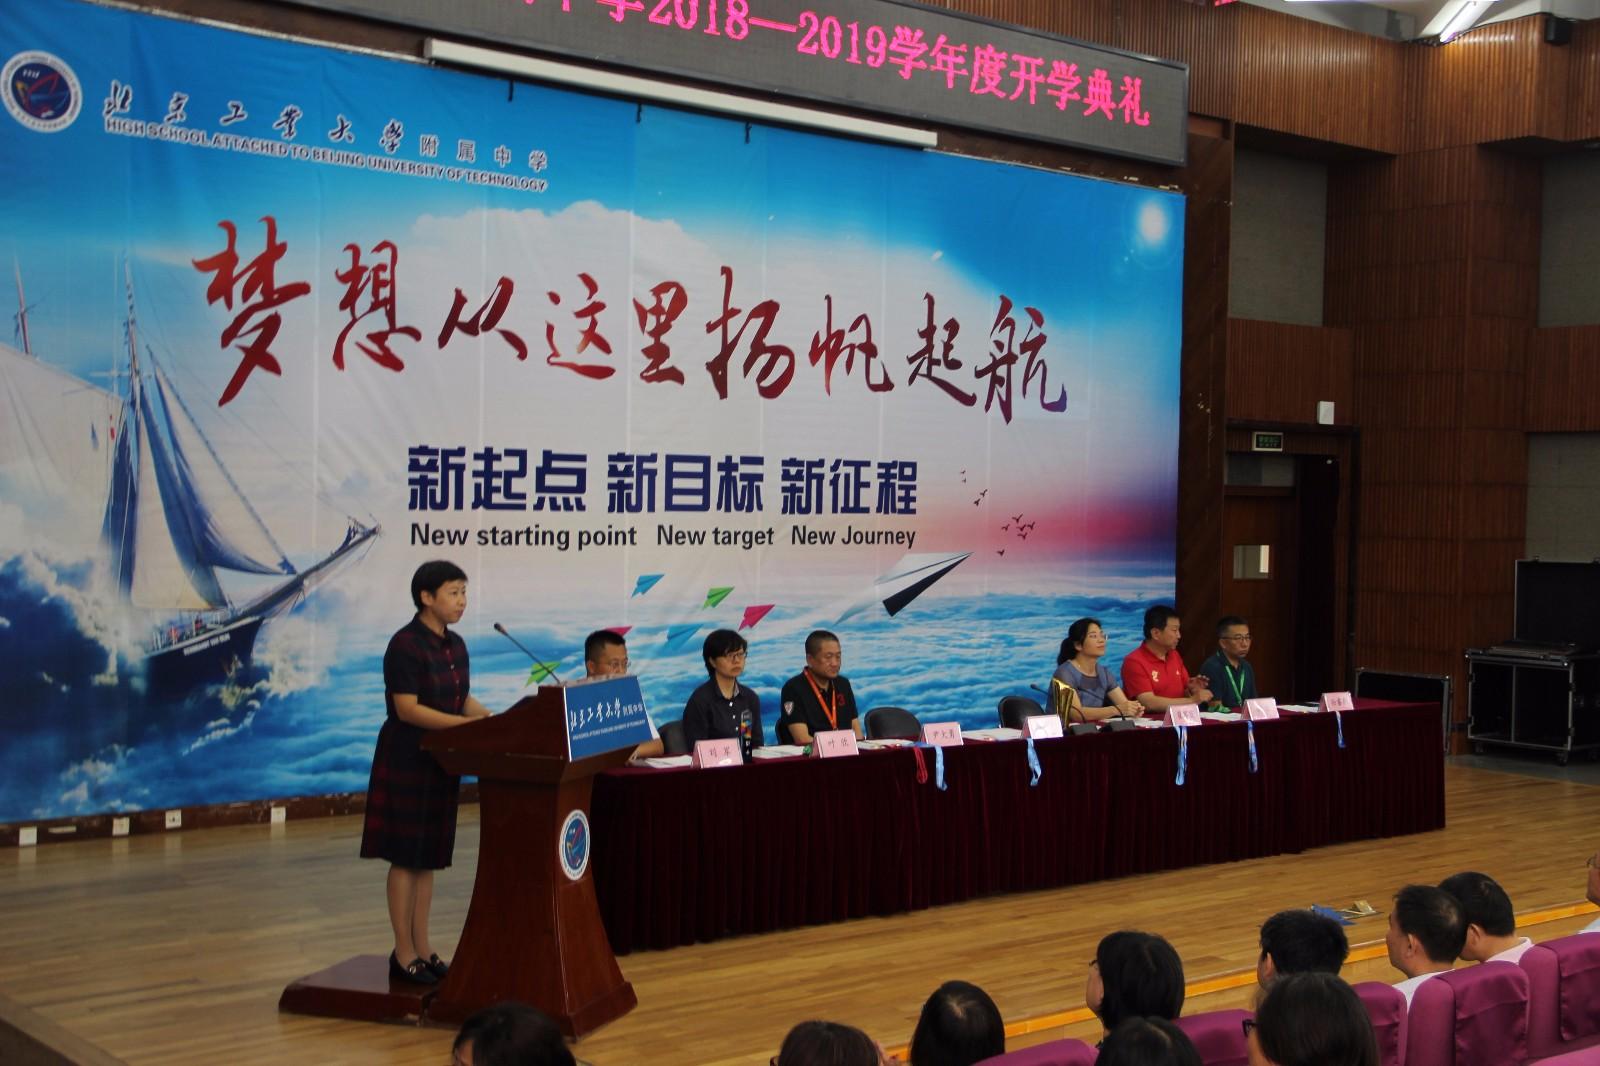 郑蔚青副校长代表刘子远校长做新学年致辞.JPG